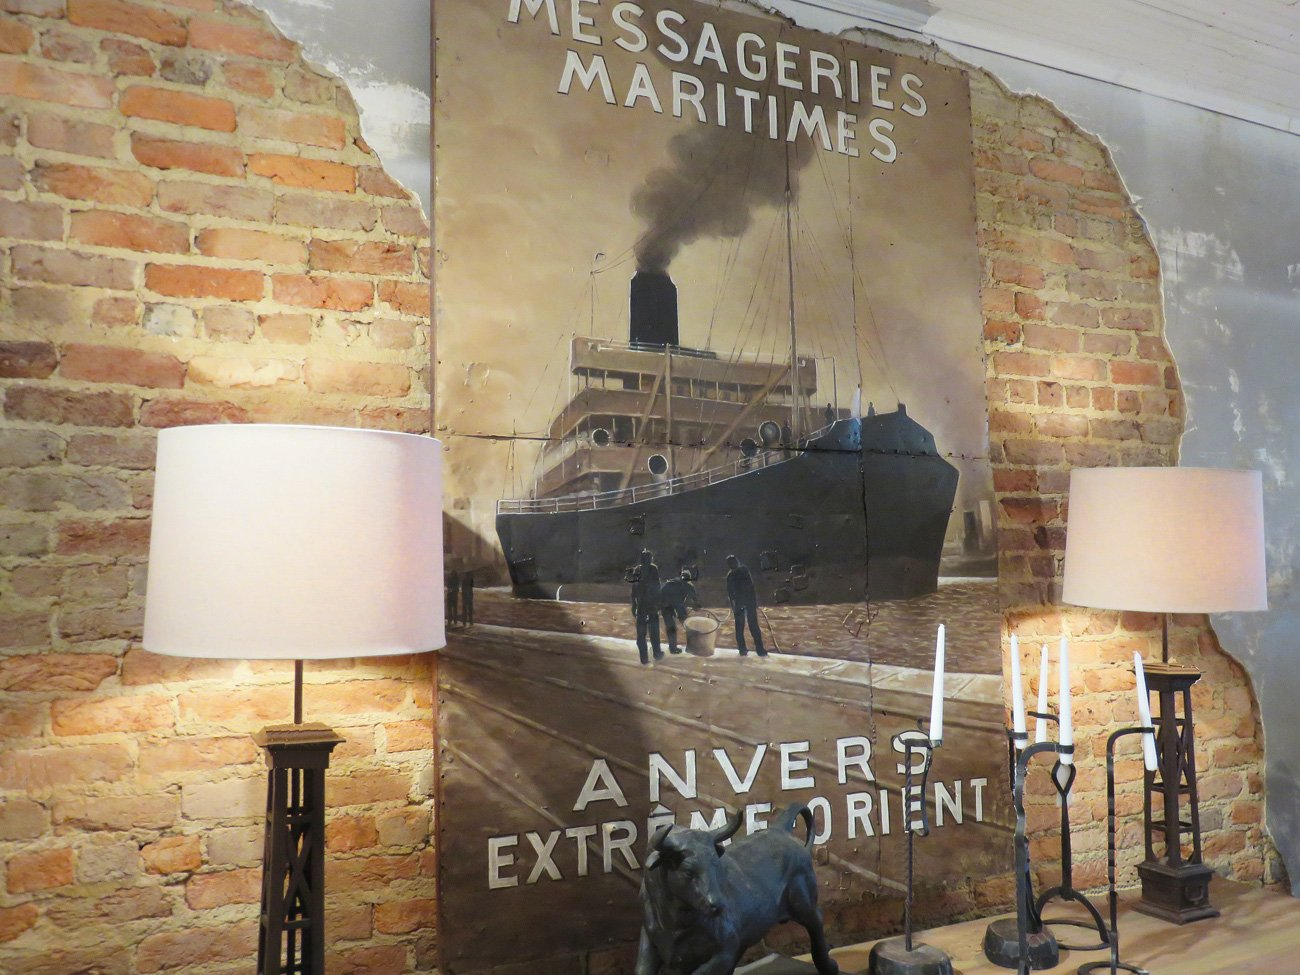 Messageries Maritimes postcard art